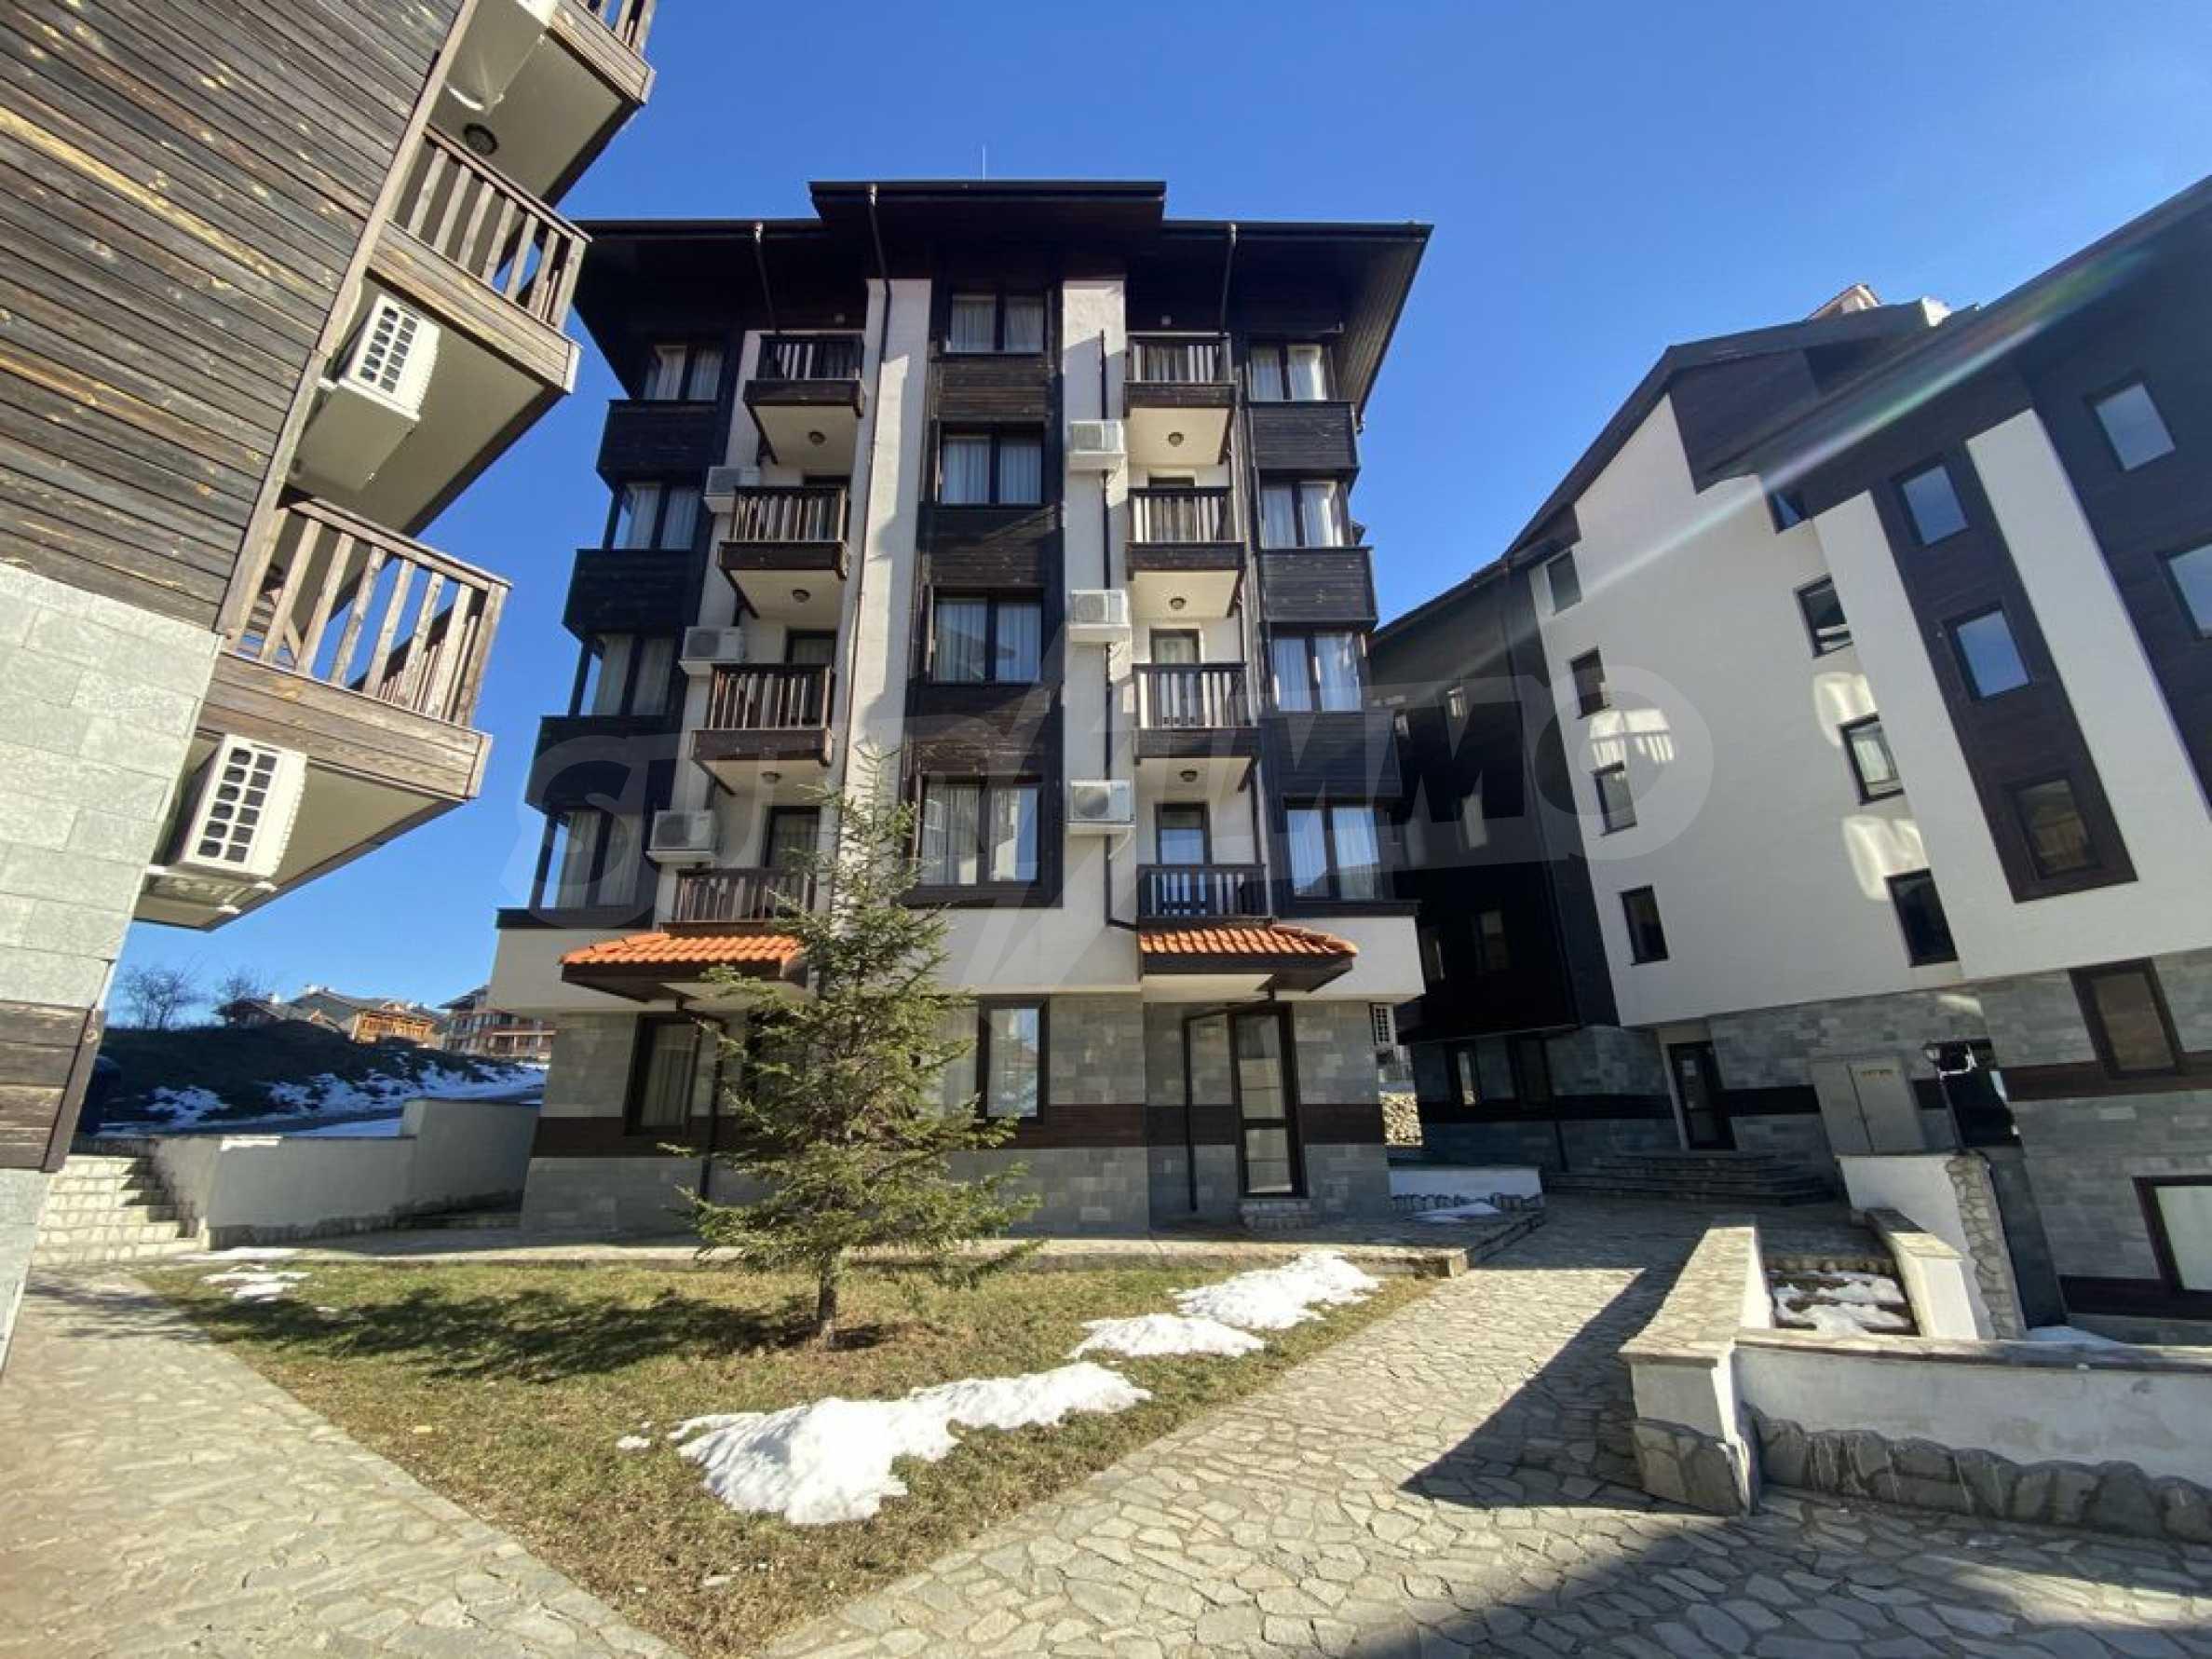 Необзаведен едностаен апартамент за продажба в СПА комплекс в Банско 5